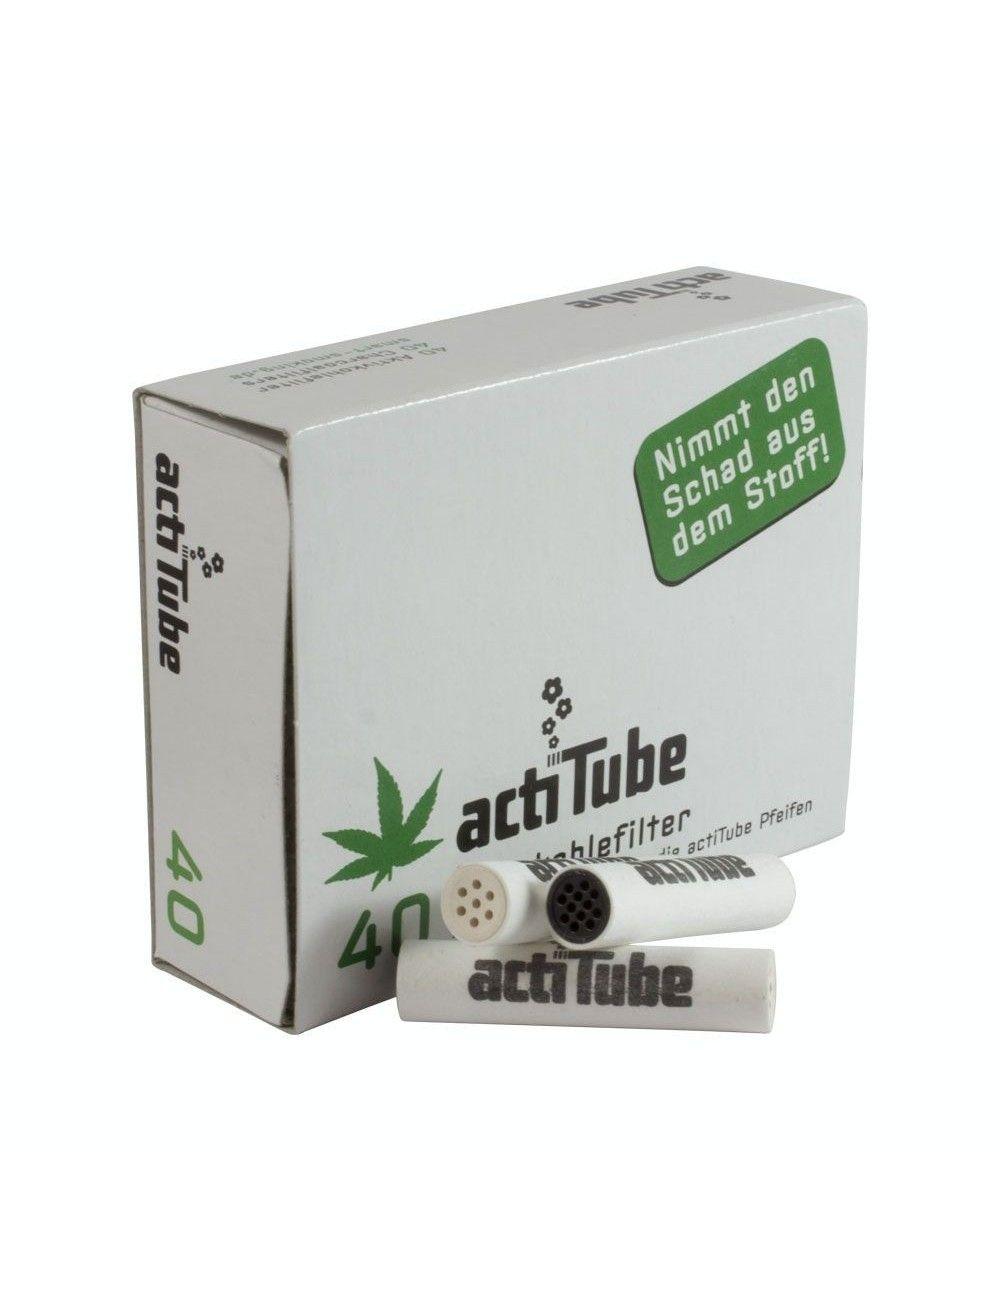 ACTITUBE (CAJA DE 40 FILTROS)